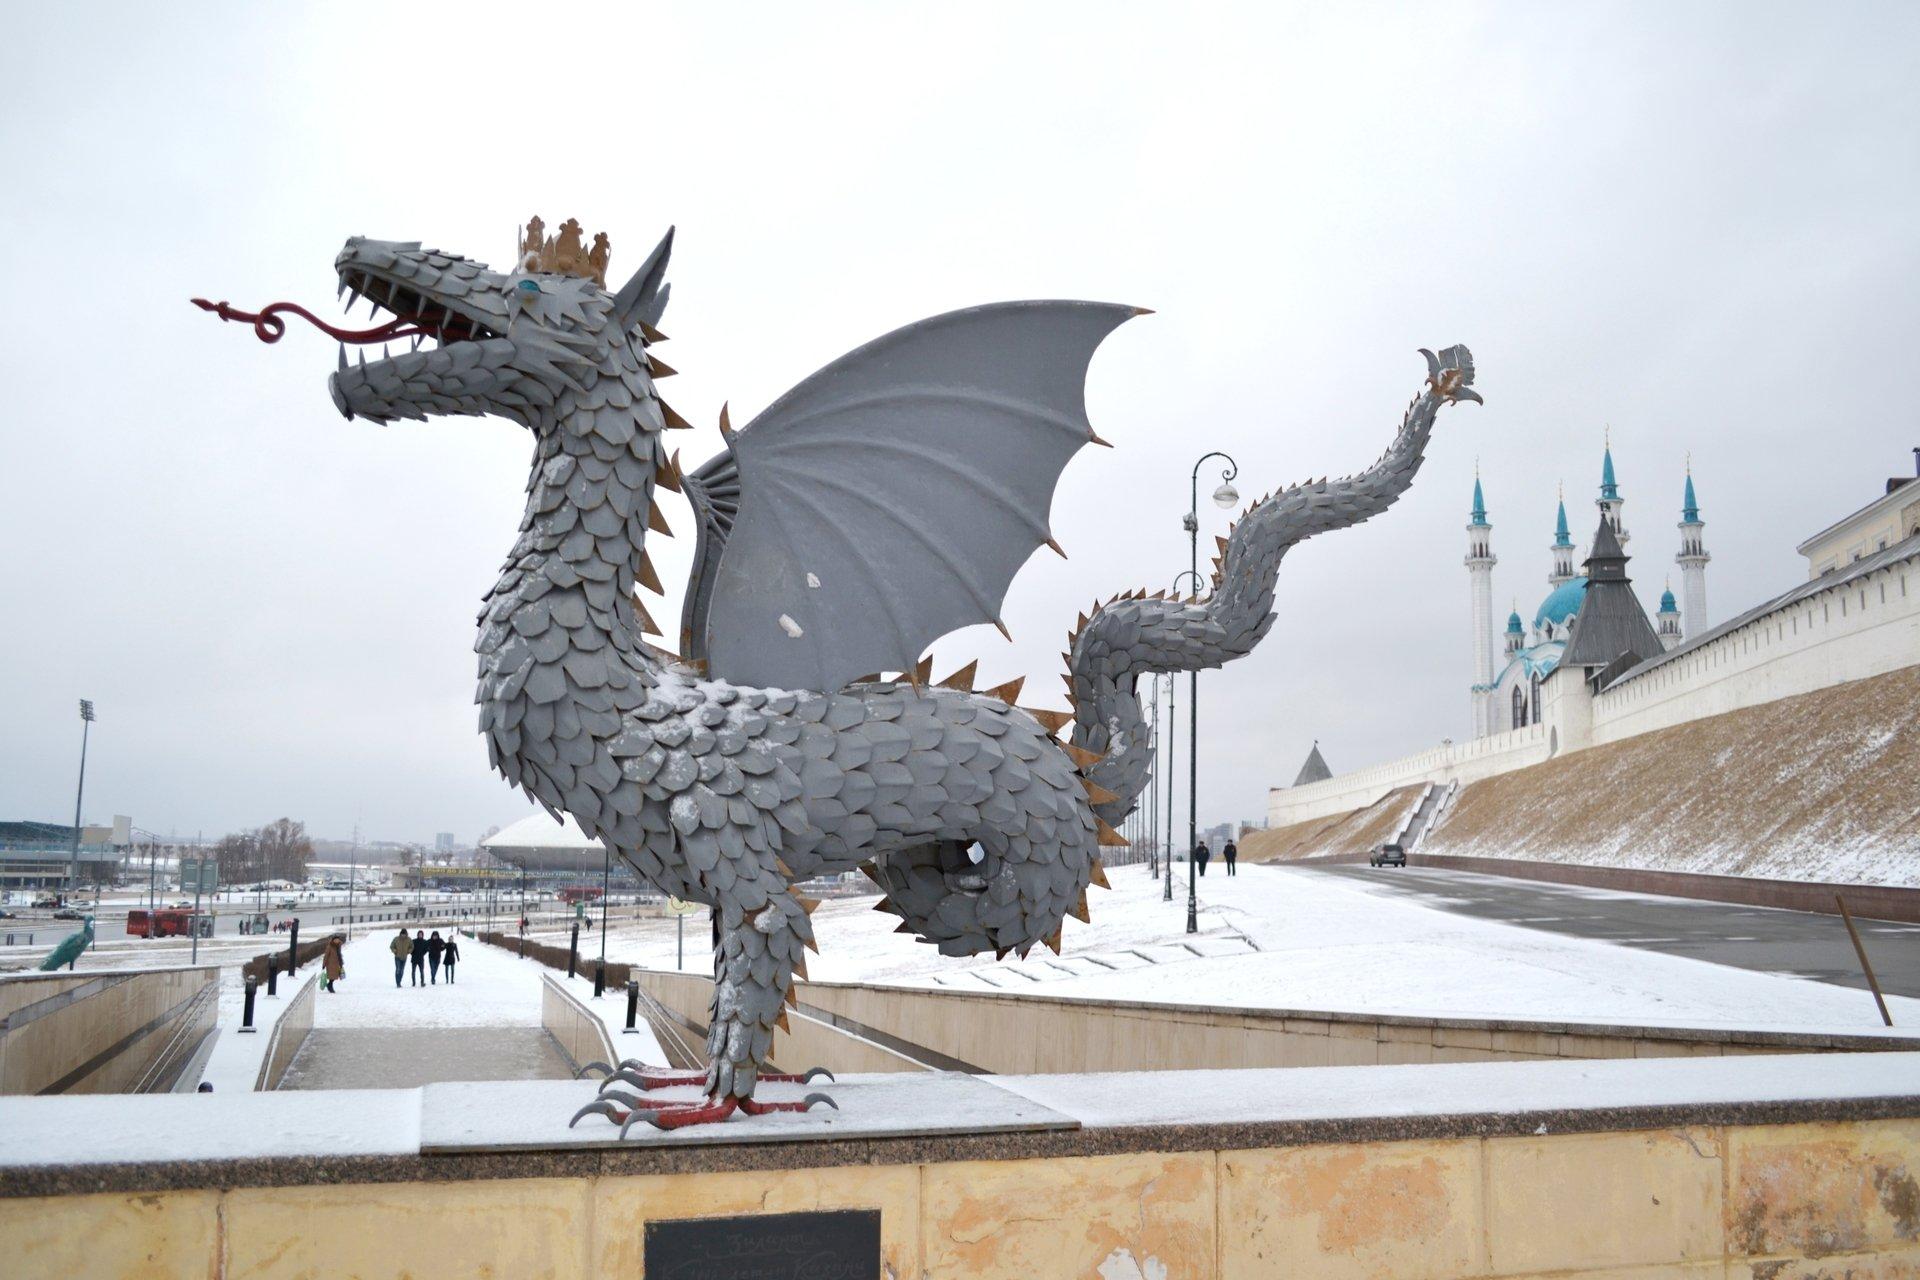 дракон зилант